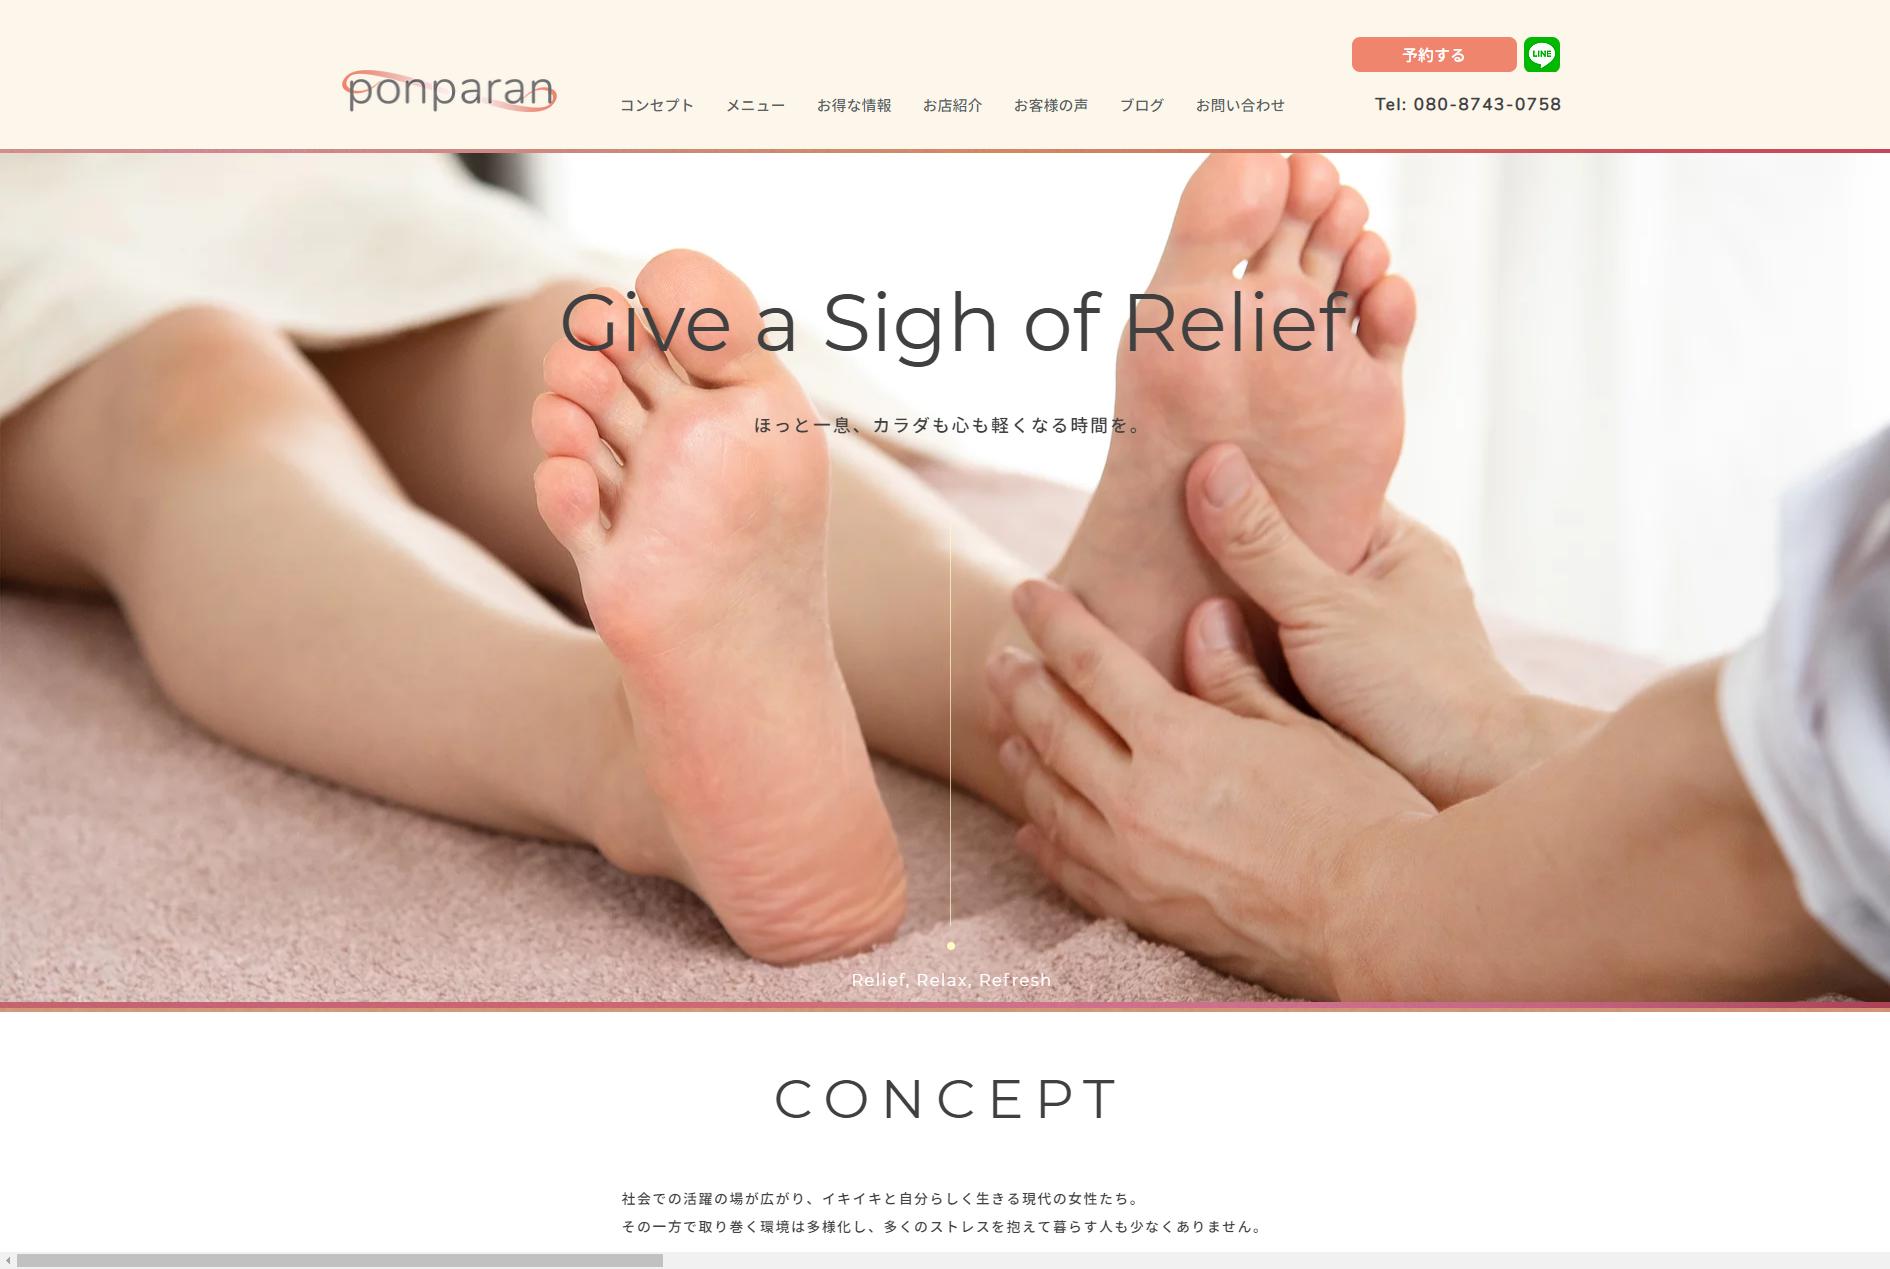 ponparan/ポンパラン様 サイト